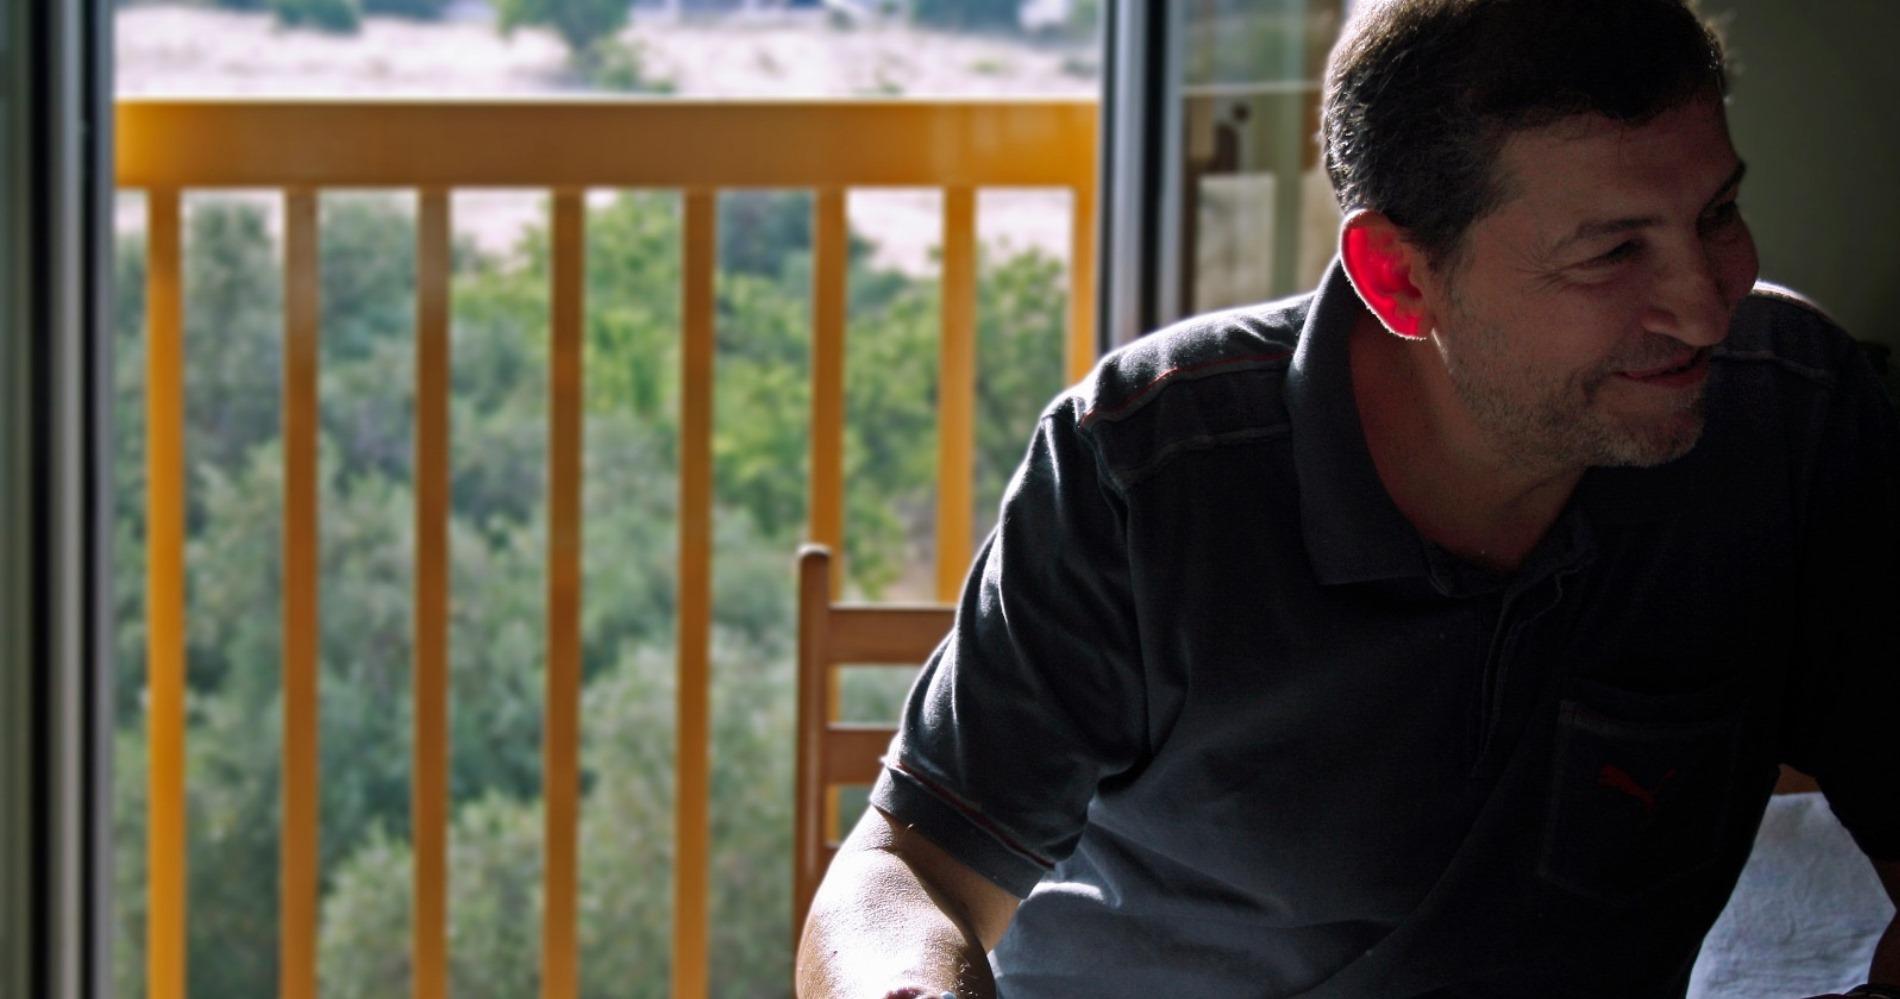 """<span class=""""entry-title-primary"""">Sgarbatellum 2020 – Intervista al regista Alessandro Piva</span> <span class=""""entry-subtitle"""">L'autore degli apprezzatissimi film """"LaCapaGira"""" e """"Santa Subito"""" parla della quarta edizione della rassegna cinematografica che si svolge all'Arena Garbatella di Roma.</span>"""